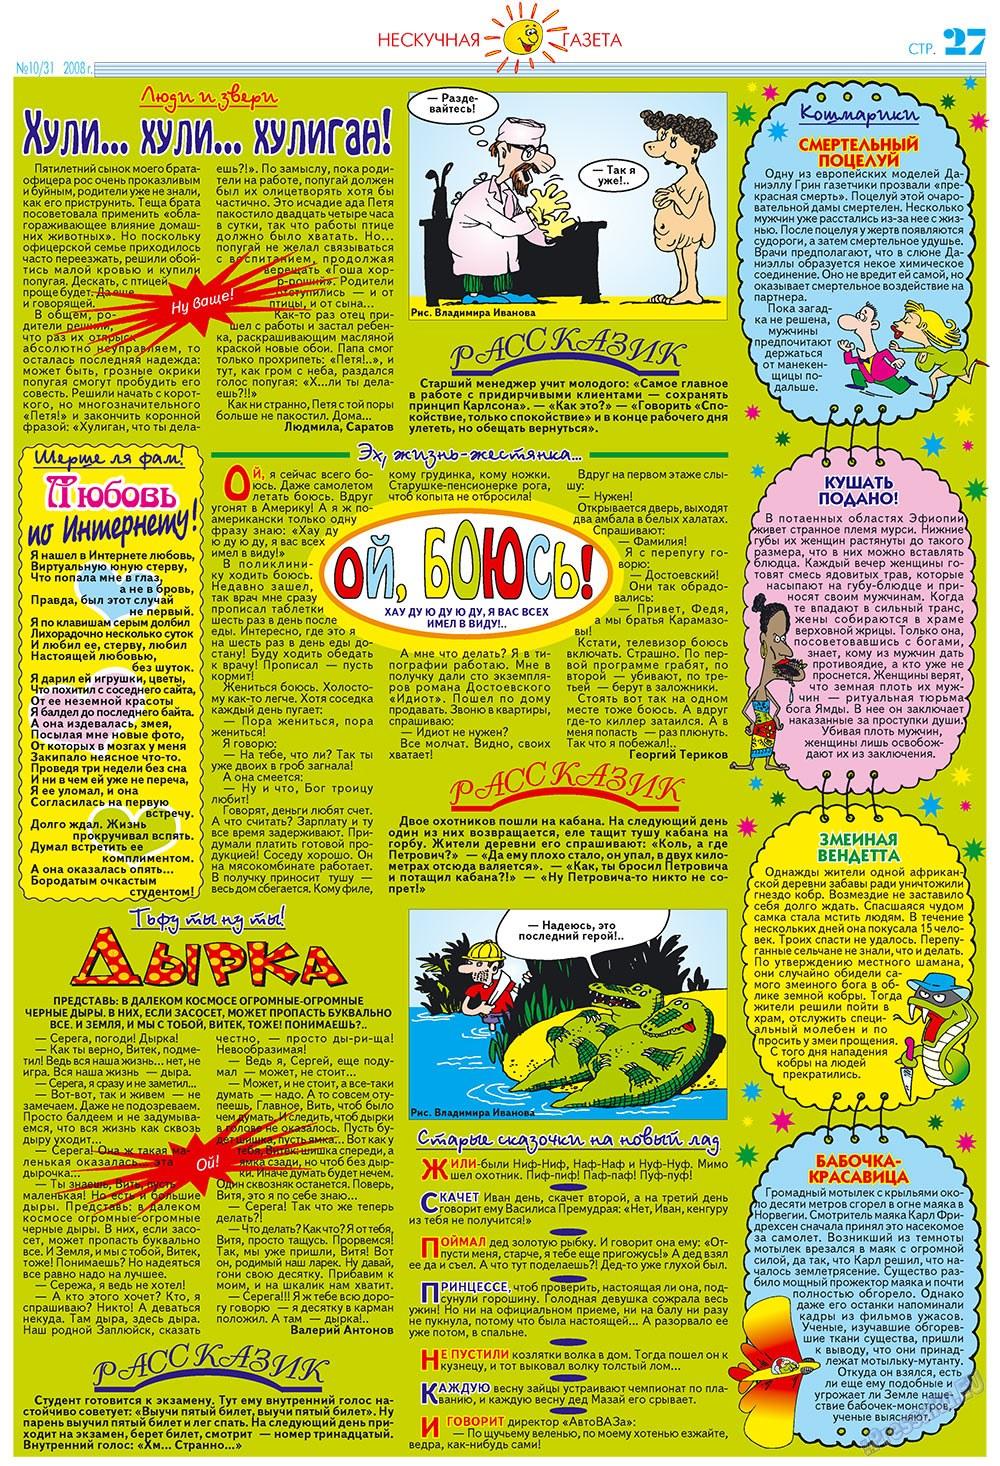 Нескучная газета (газета). 2008 год, номер 10, стр. 23